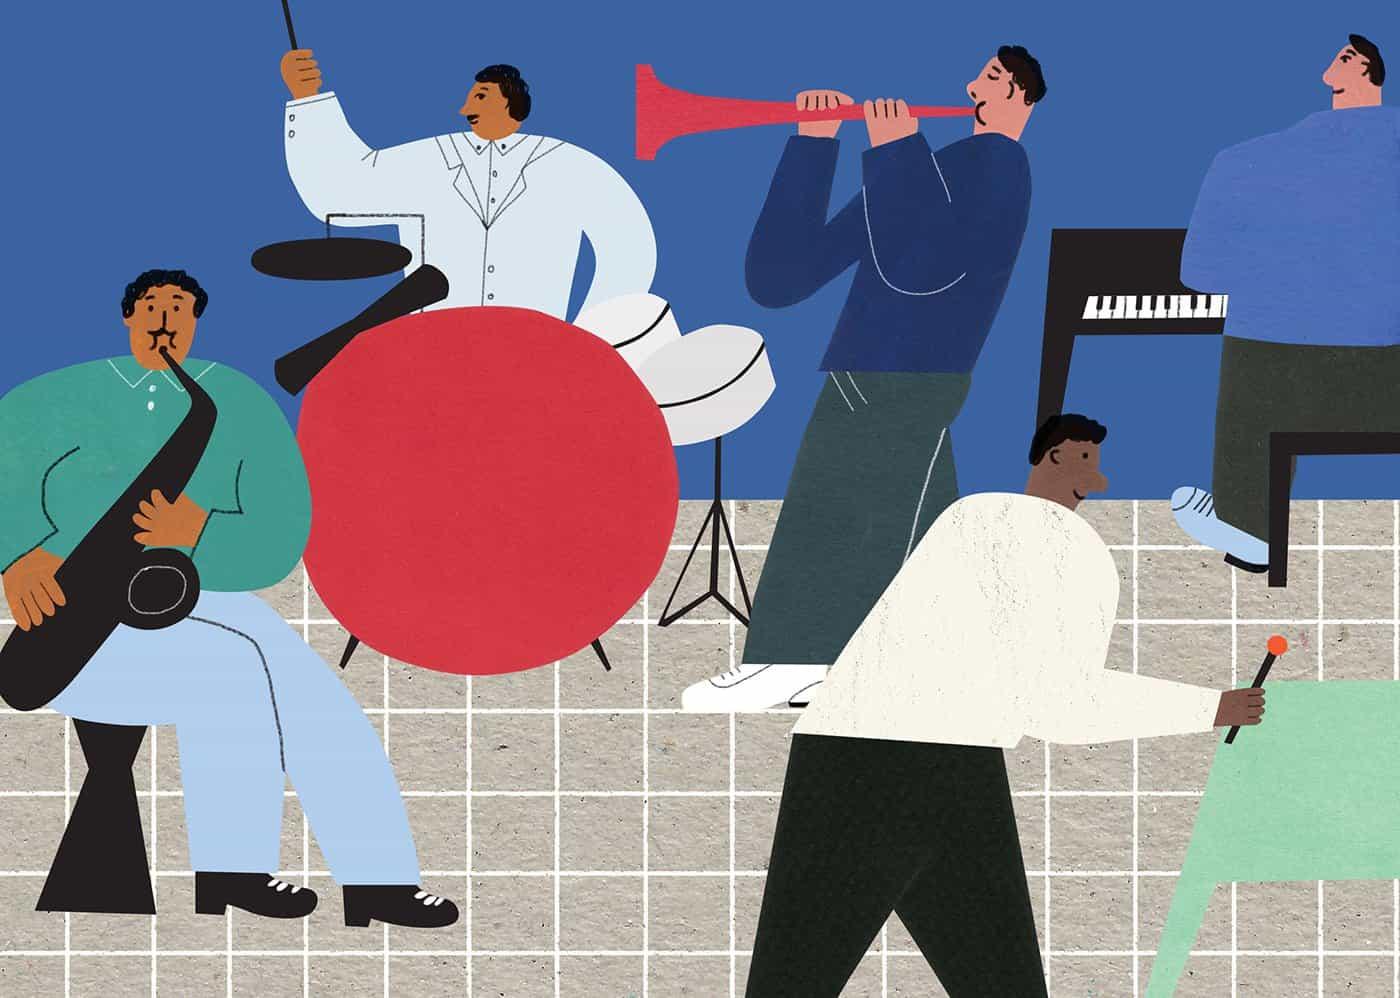 enfoque alegre de Yuxing Li a la ilustración es exactamente lo que necesitamos